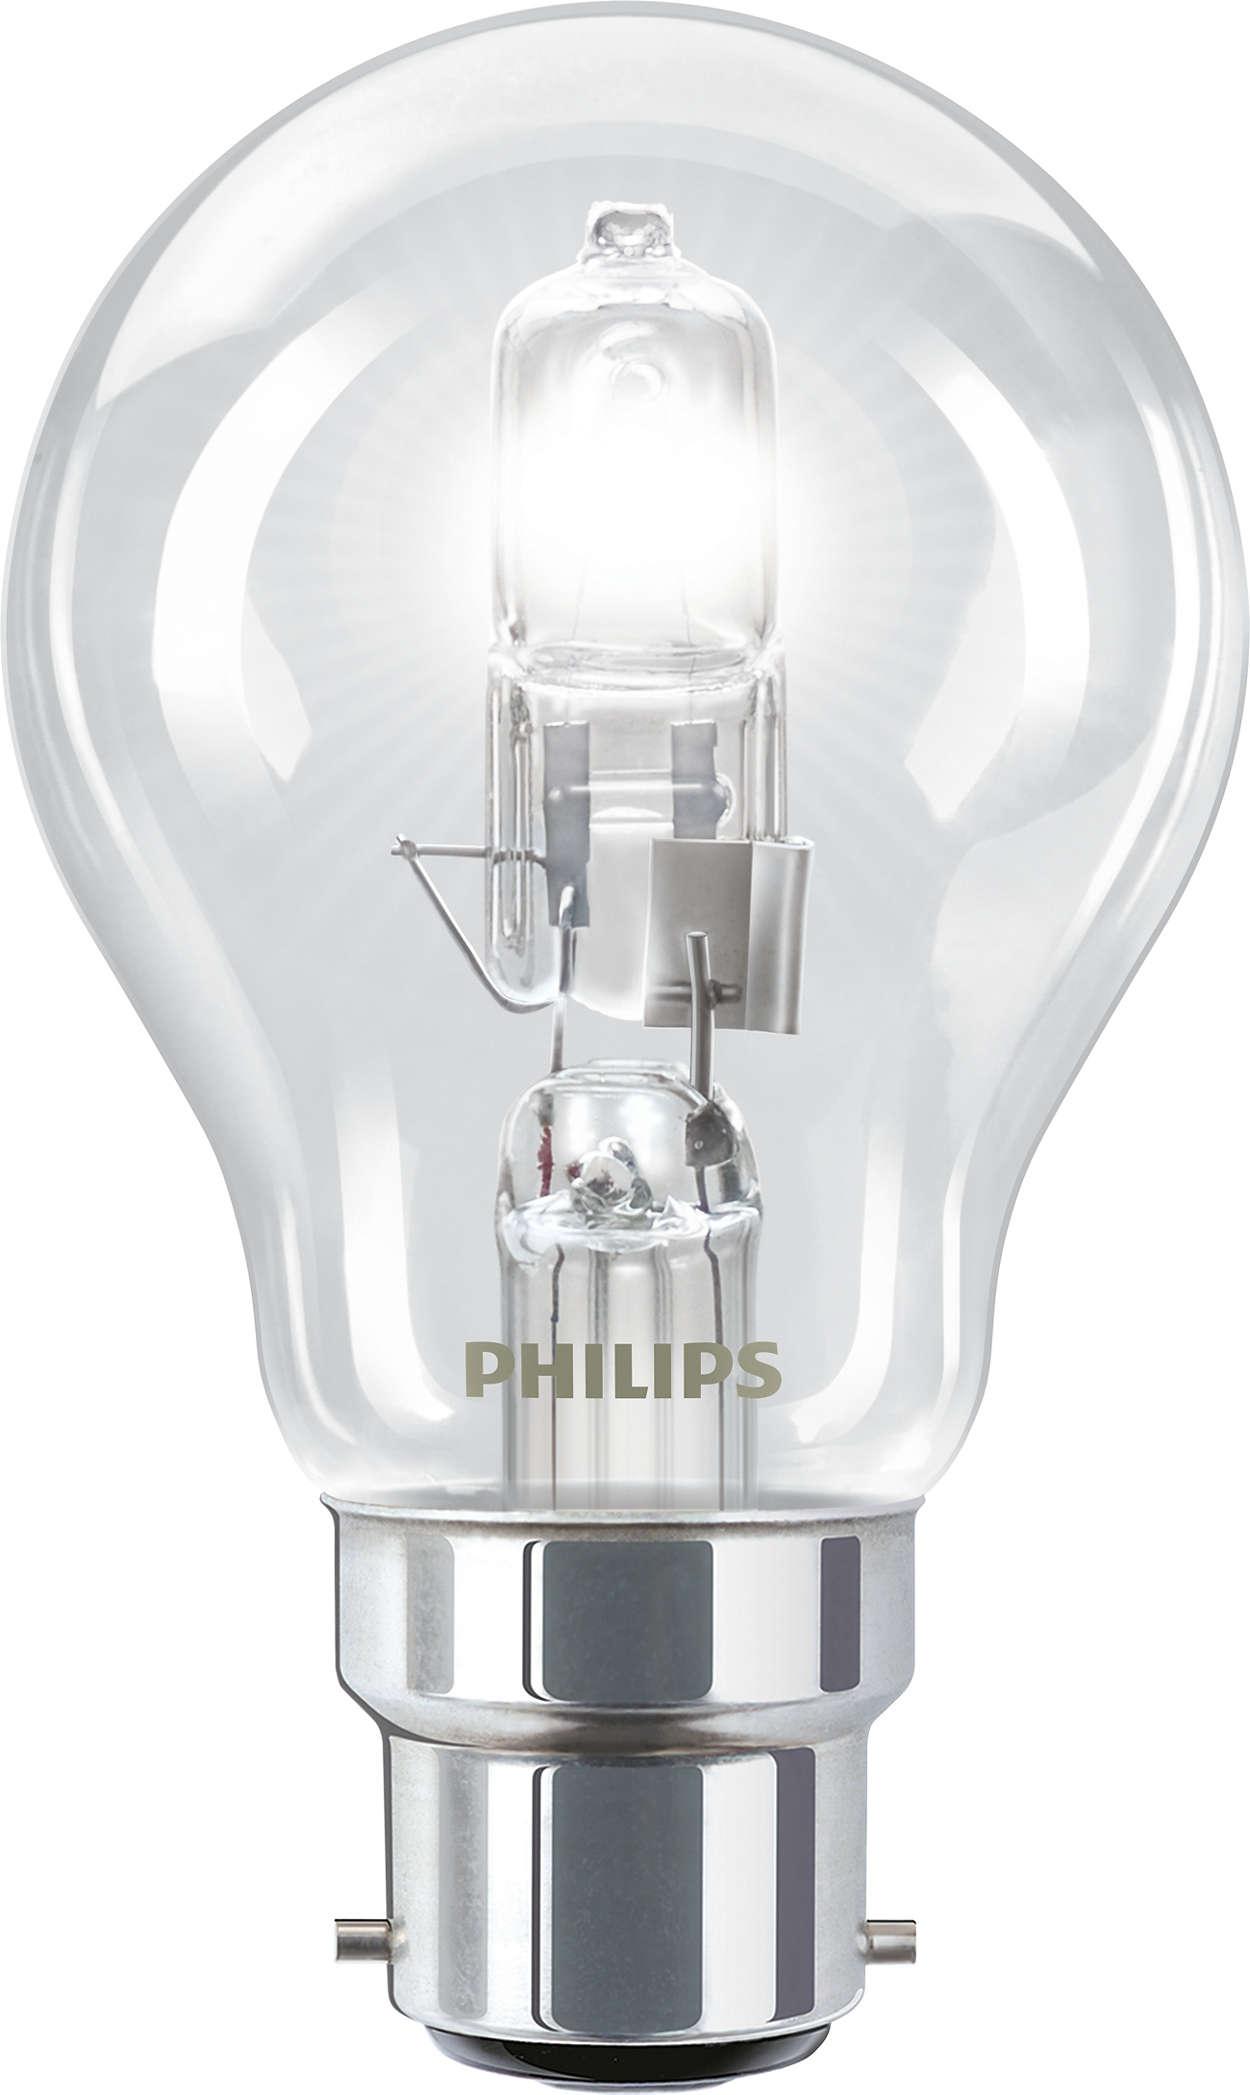 La nouvelle lampe halogène classique